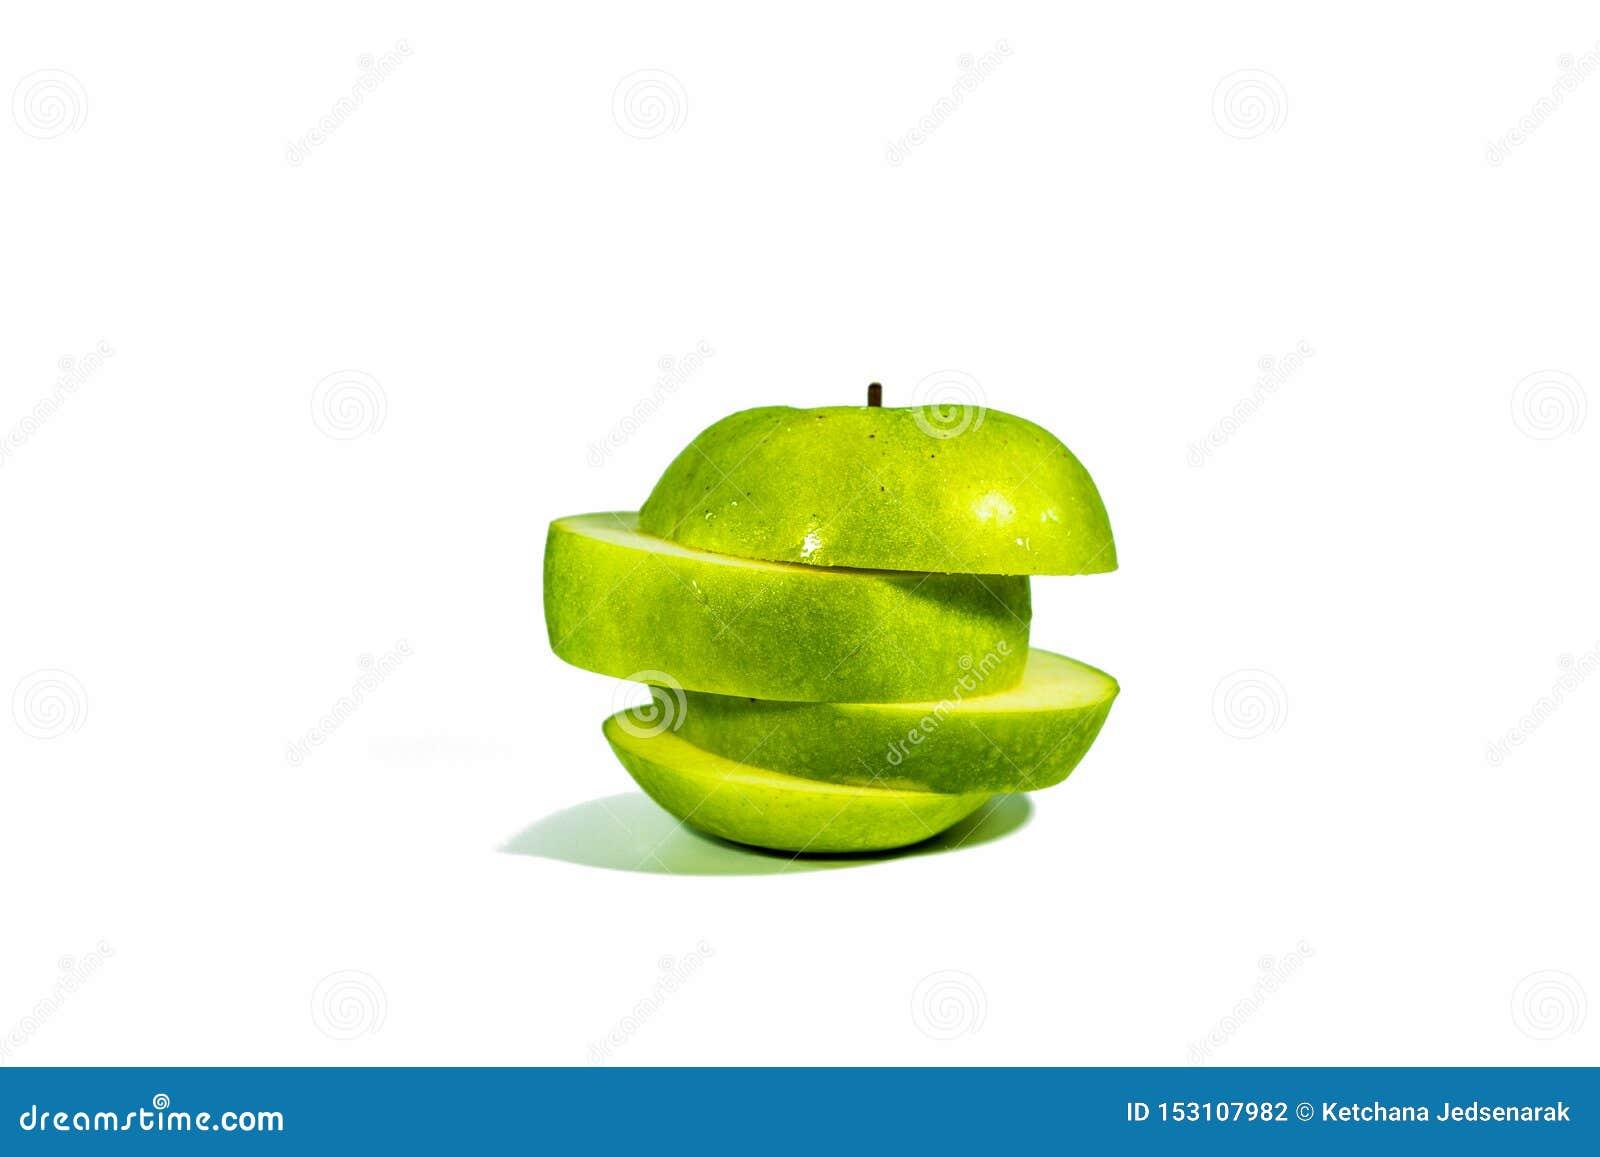 Τεμαχισμένα πράσινα μήλα, που συσσωρεύονται απομονωμένος σε ένα άσπρο υπόβαθρο